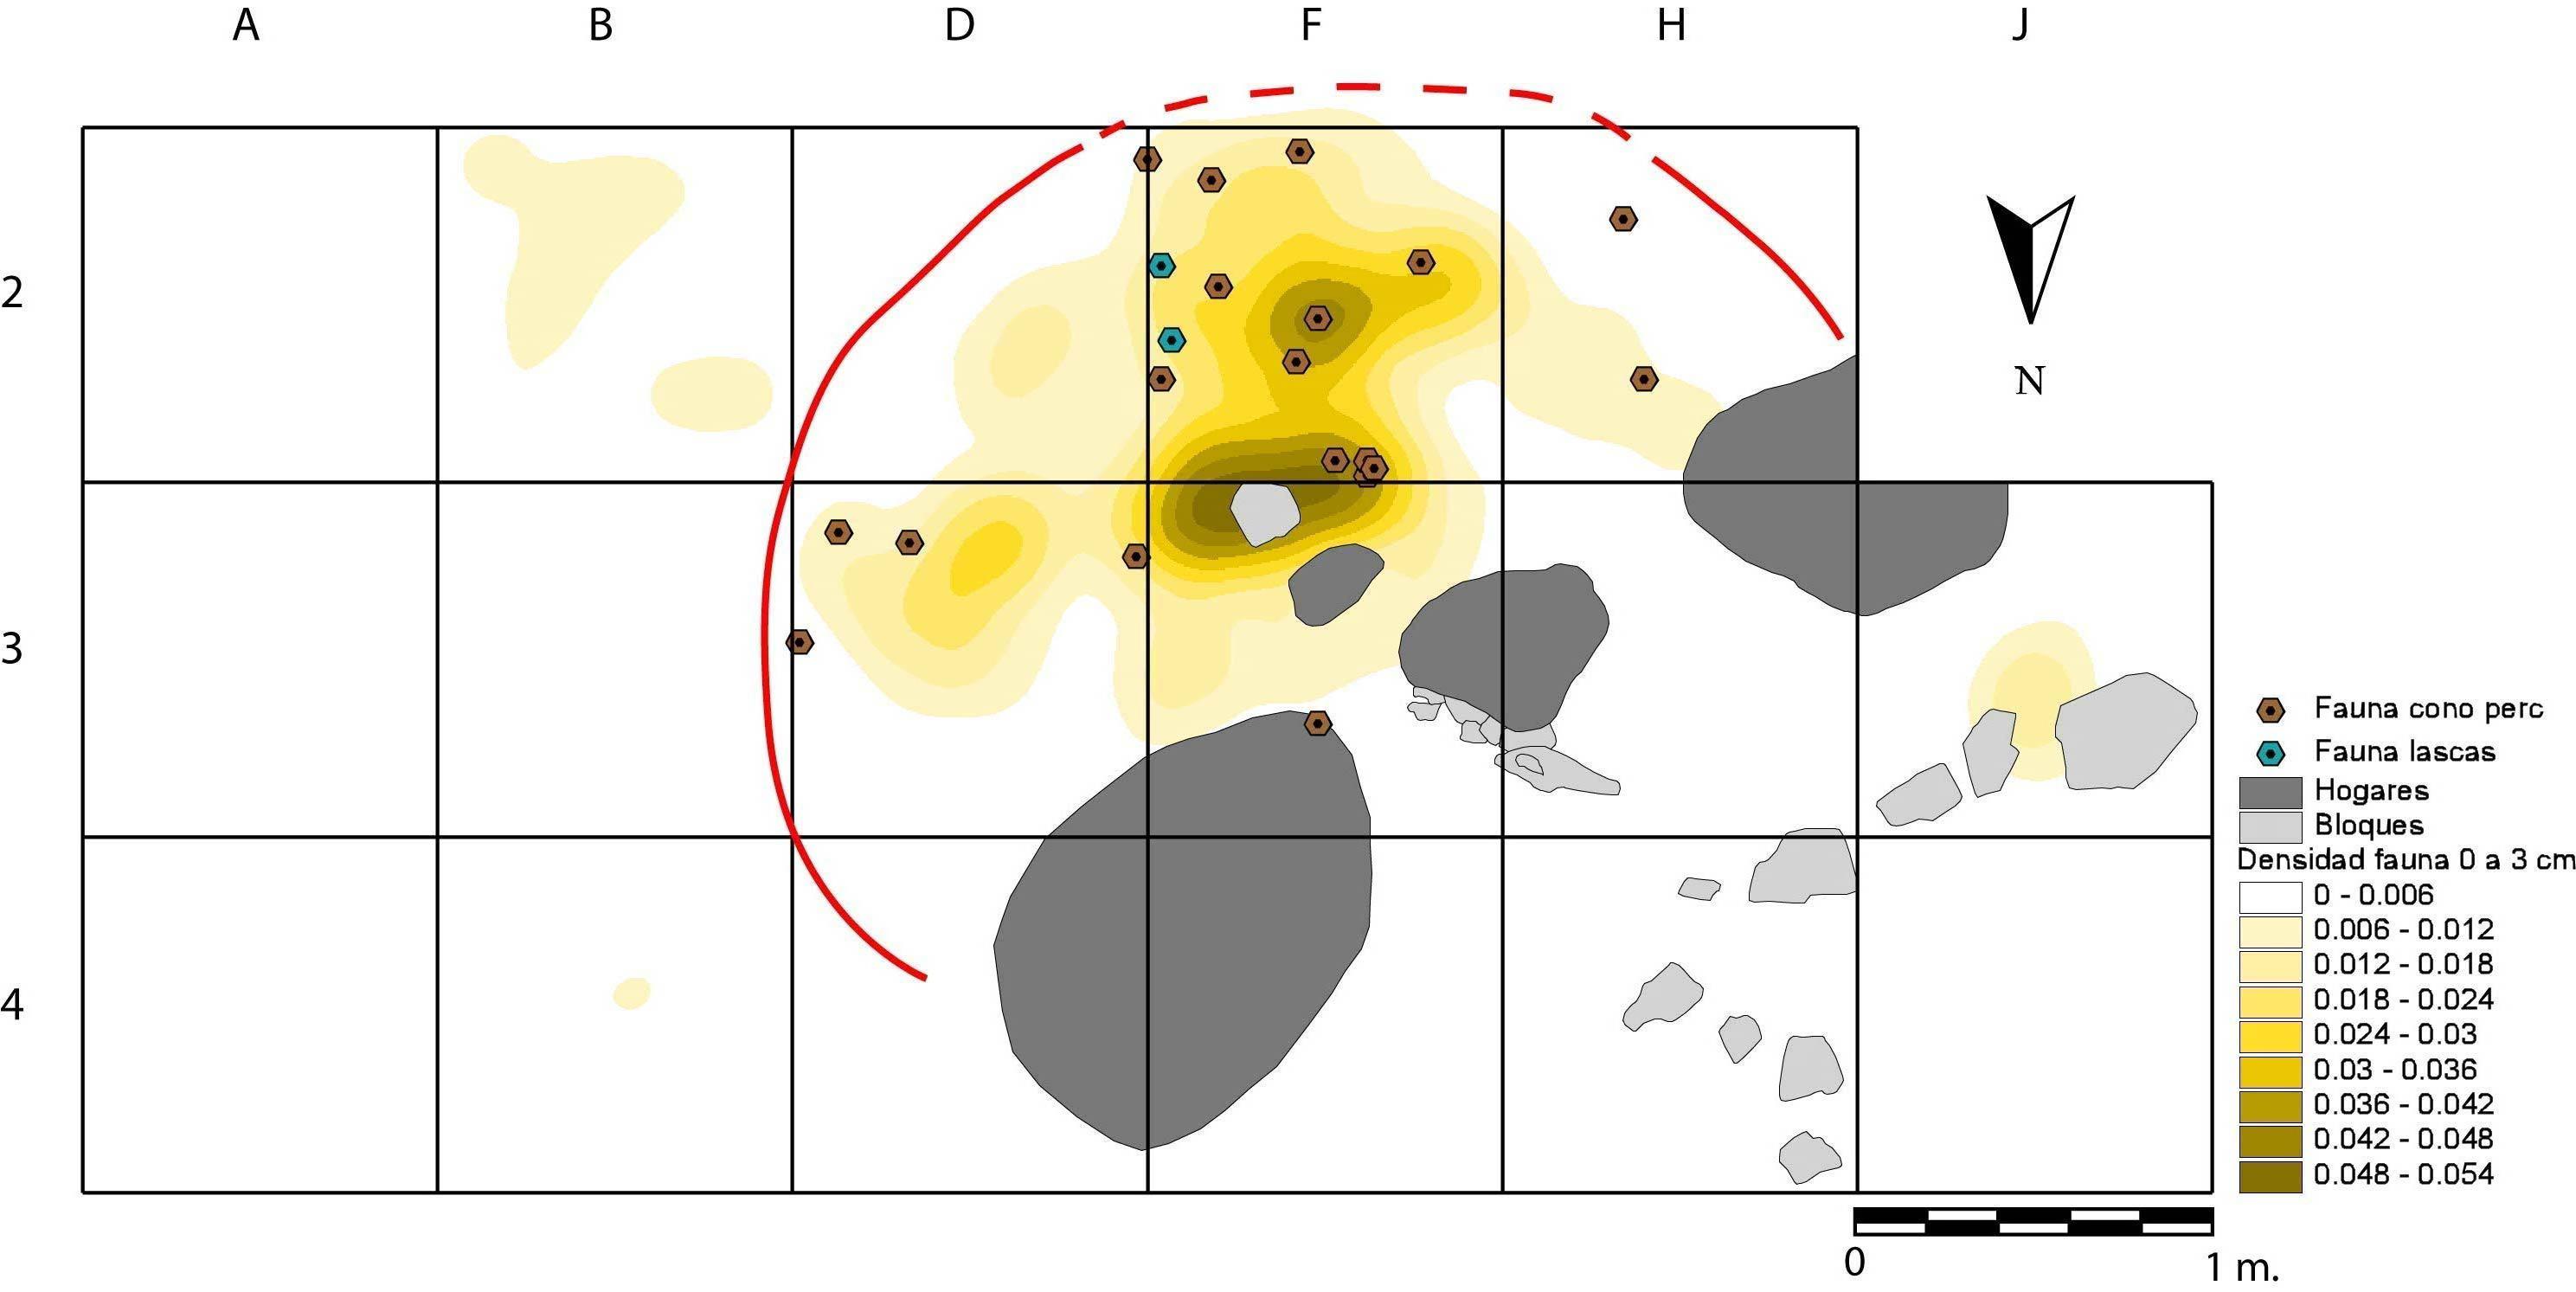 Distribución espacial a nivel horizontal de los restos alterados por la acción de los agentes atmosféricos dentro del registro faunístico coordenado del nivel IV.